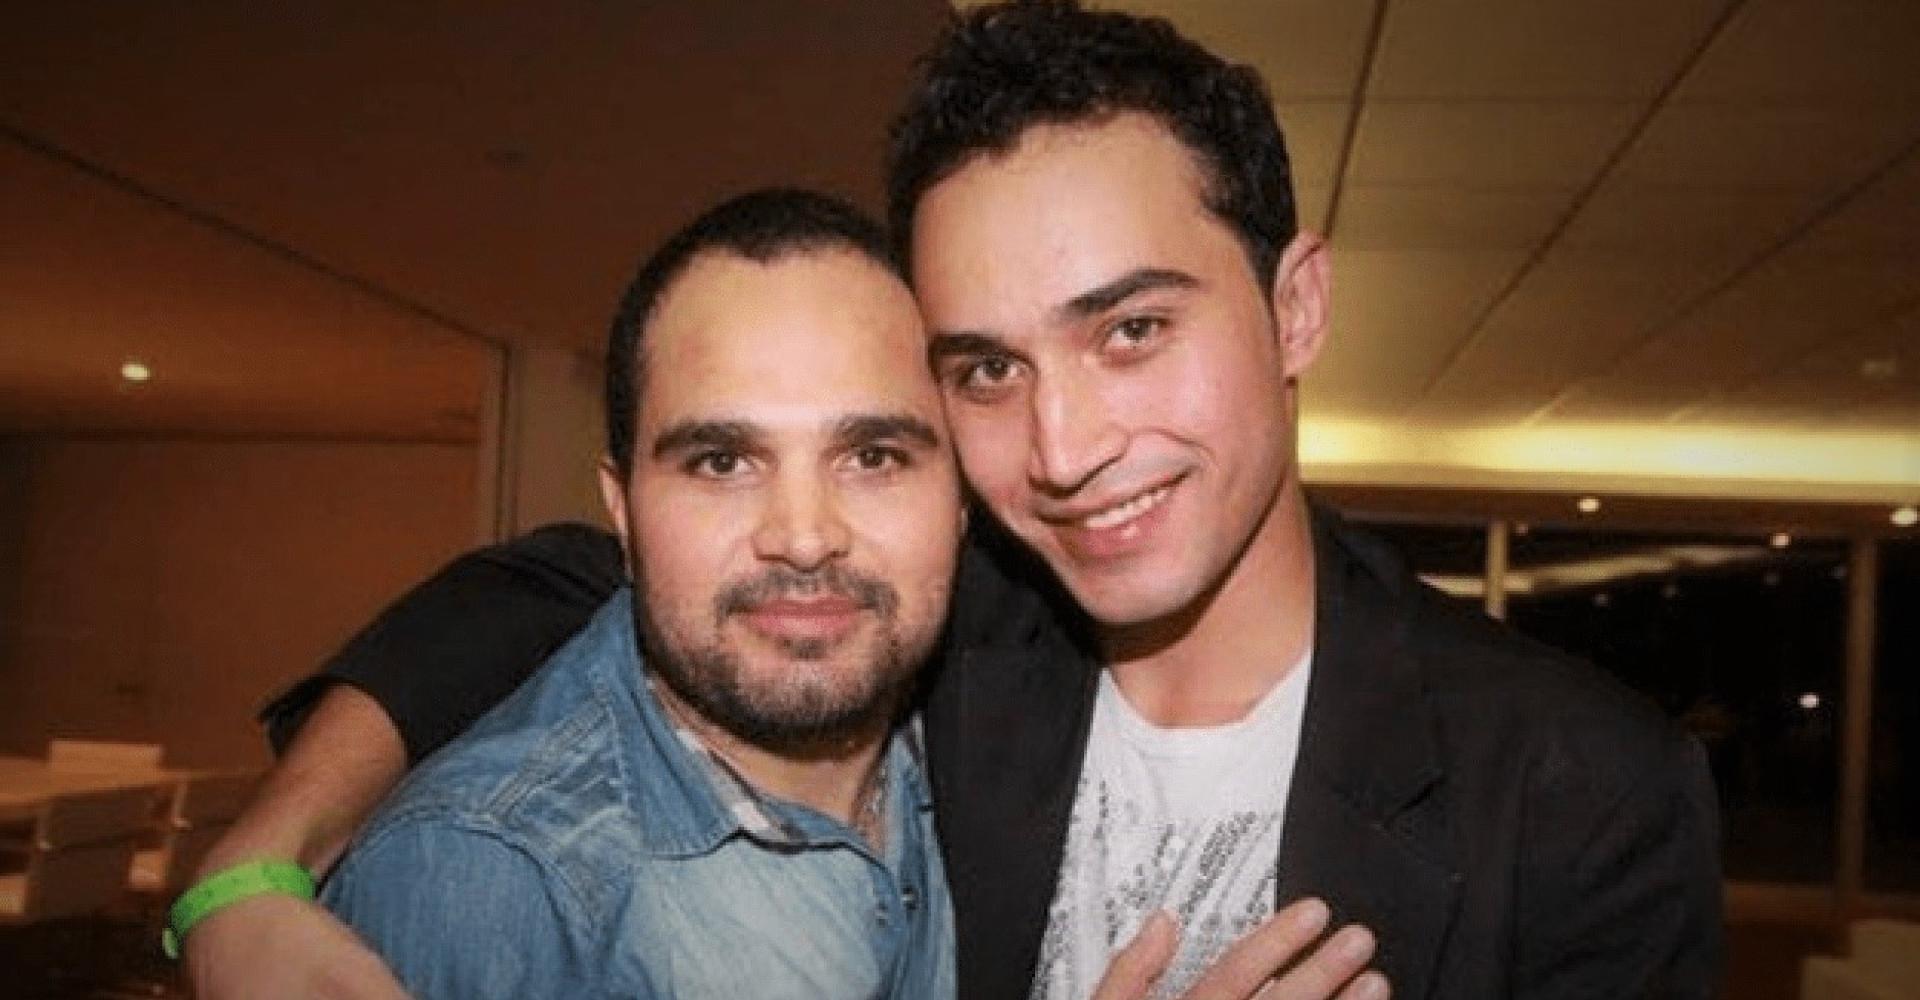 Filho do cantor Luciano Camargo é detido por agredir a mulher